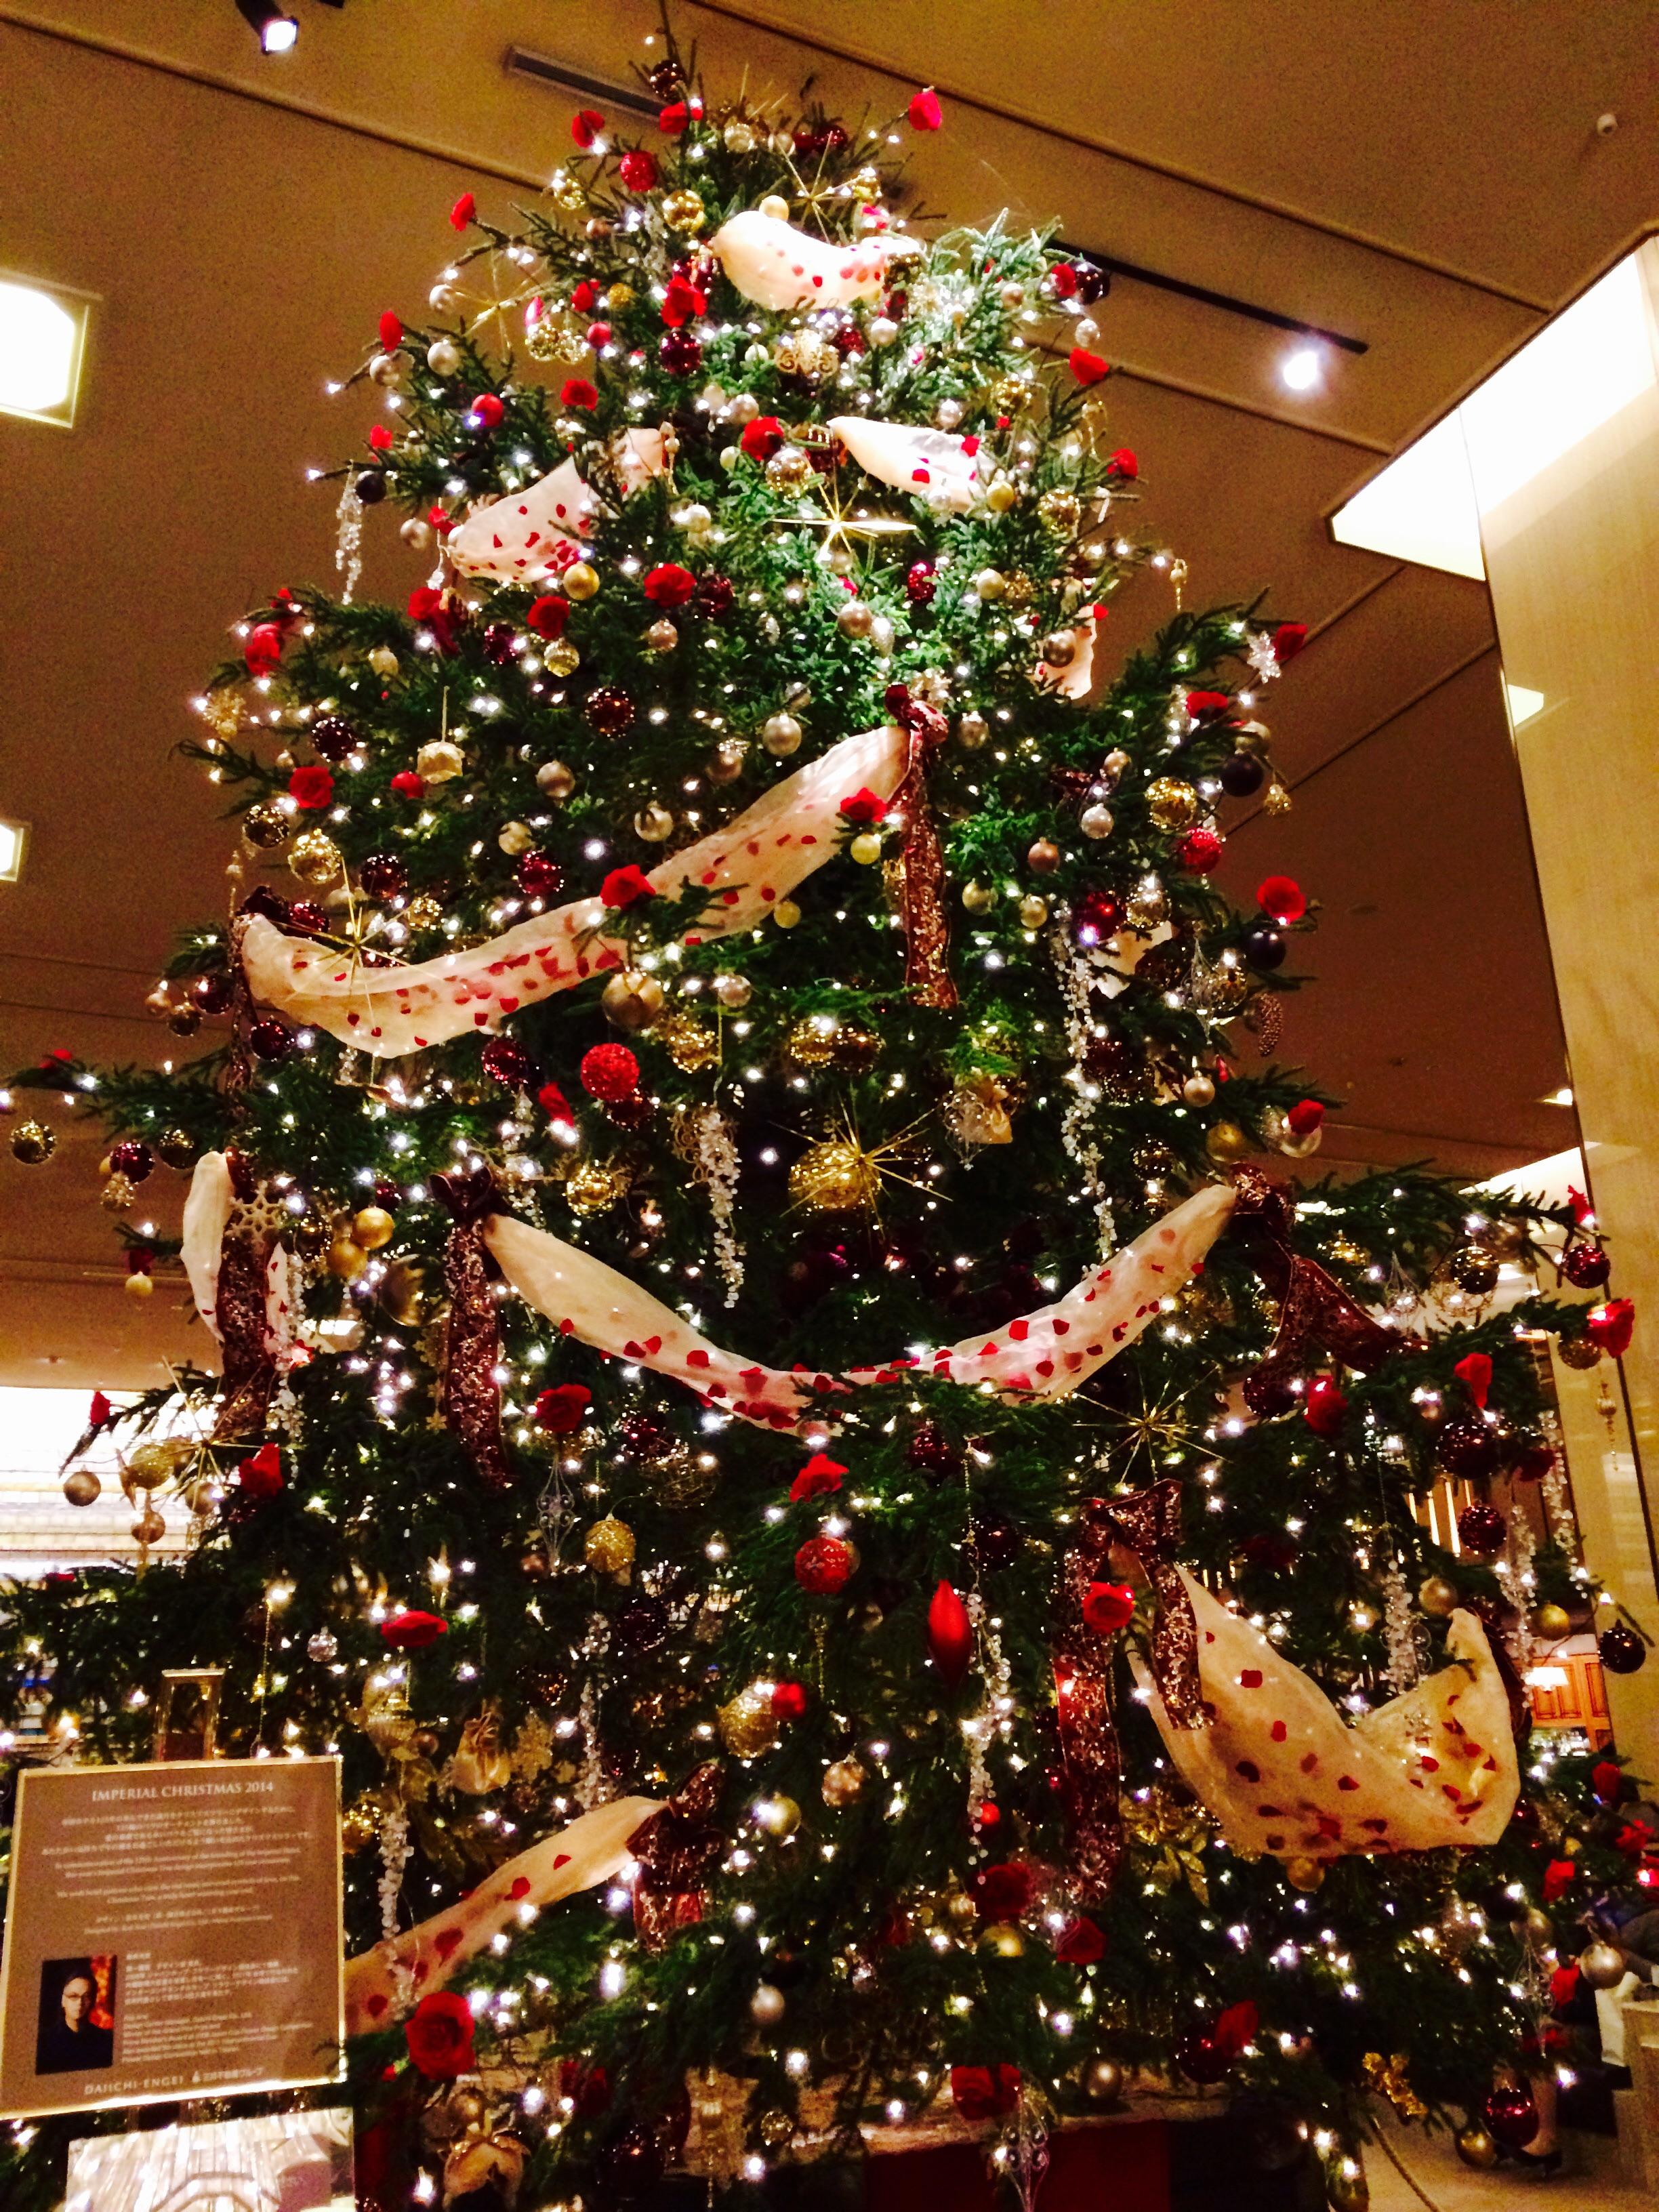 メリークリスマス( ´ ▽ ` )ノクリスマスパーティ@帝国ホテル[2]